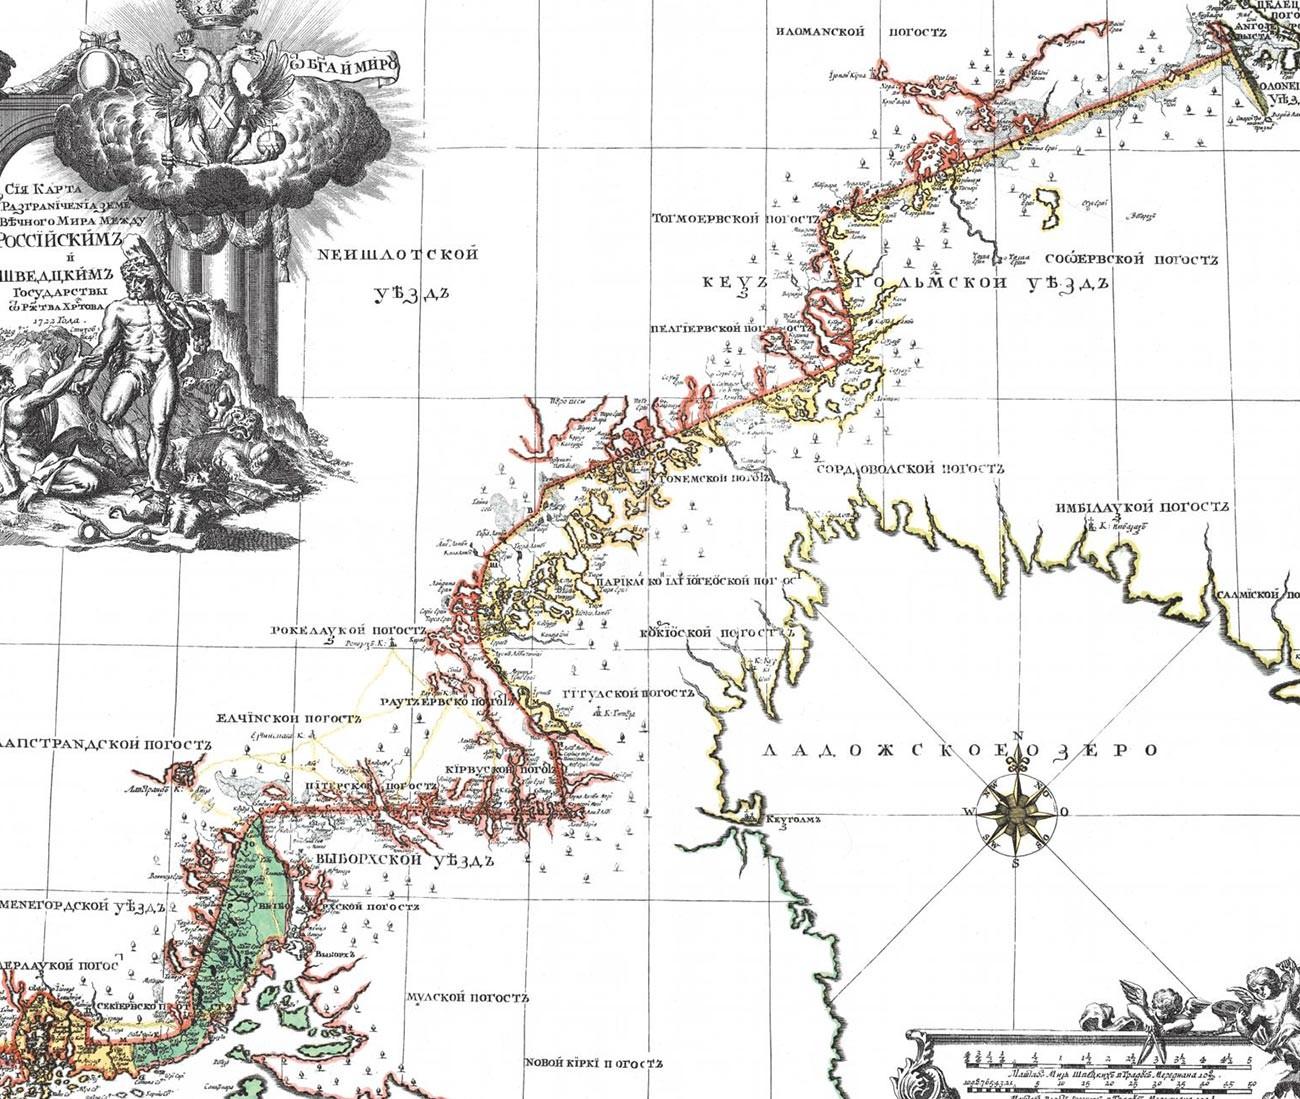 ニスタット条約で定まった国境